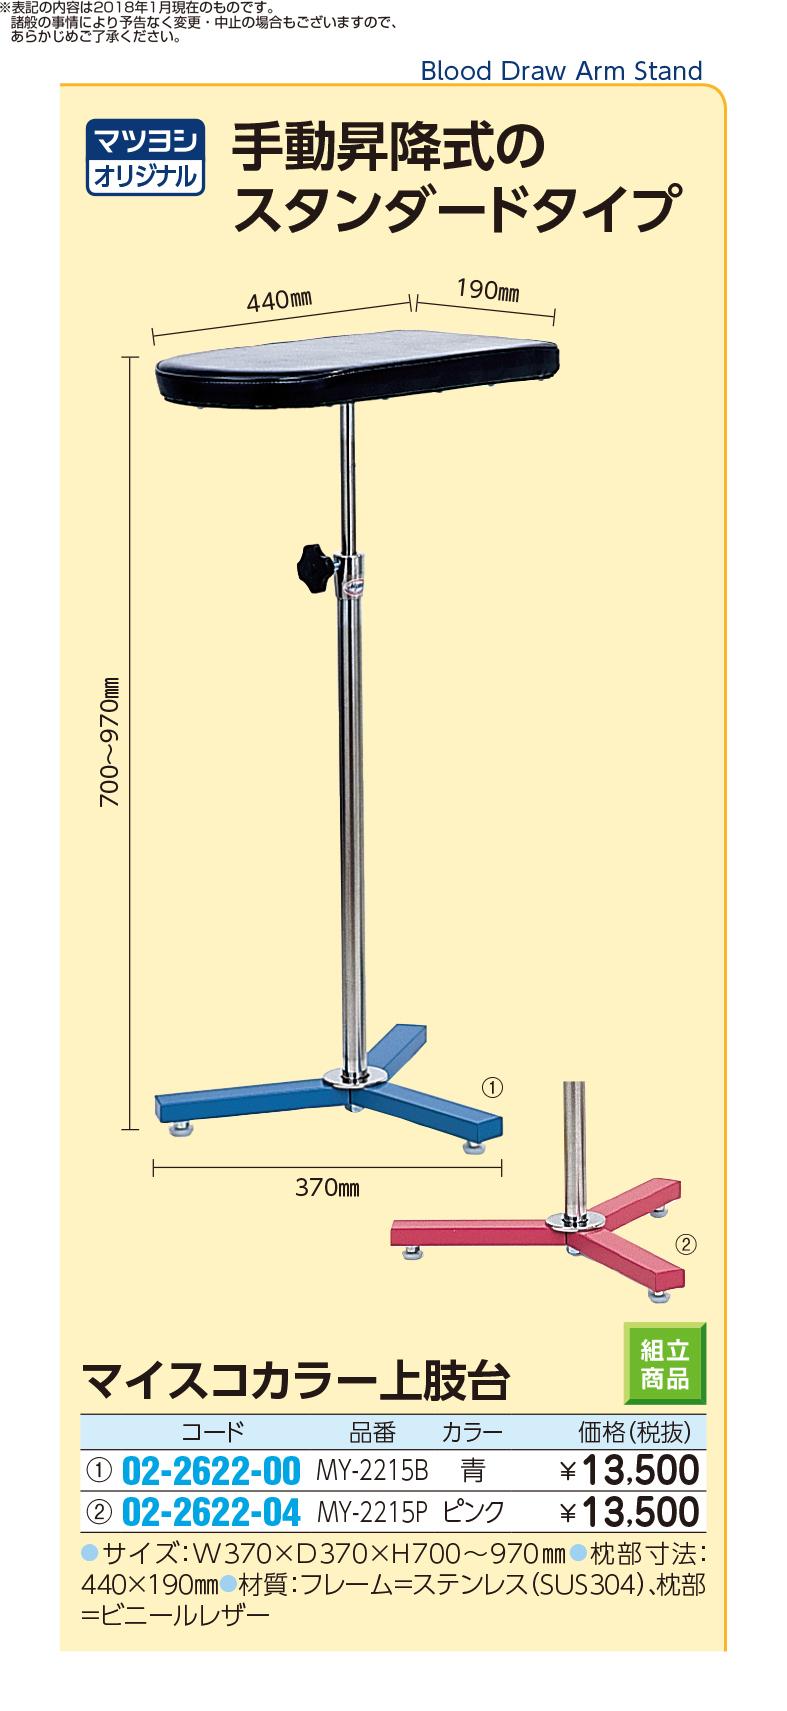 (02-2622-04)マイスコカラー上肢台(ピンク) MY-2215P マイスコカラージョウシダイ(ピンク【1台単位】【2018年カタログ商品】